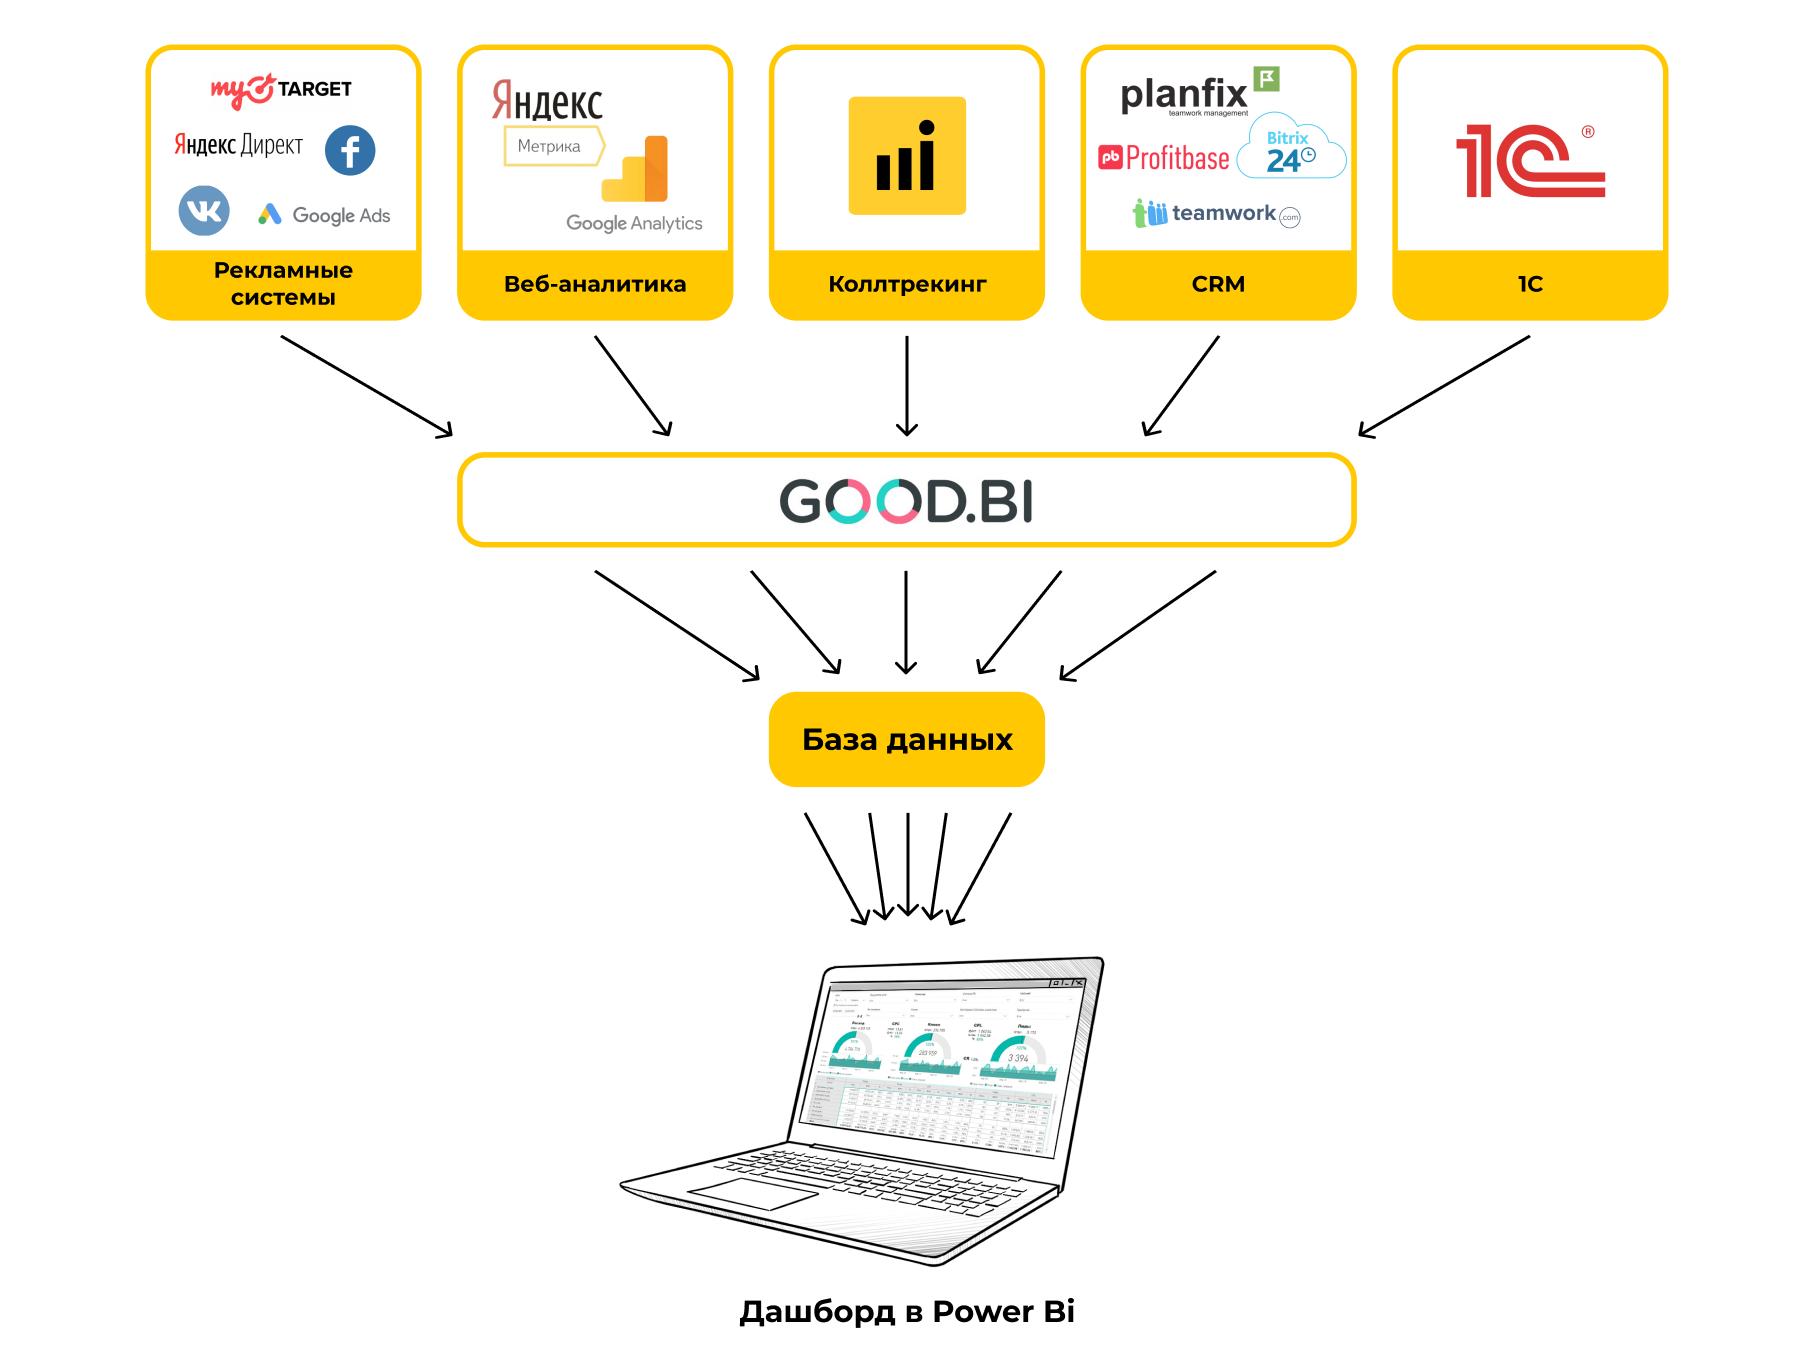 Новая схема сквозной аналитики для застройщика: настройка через Good BI